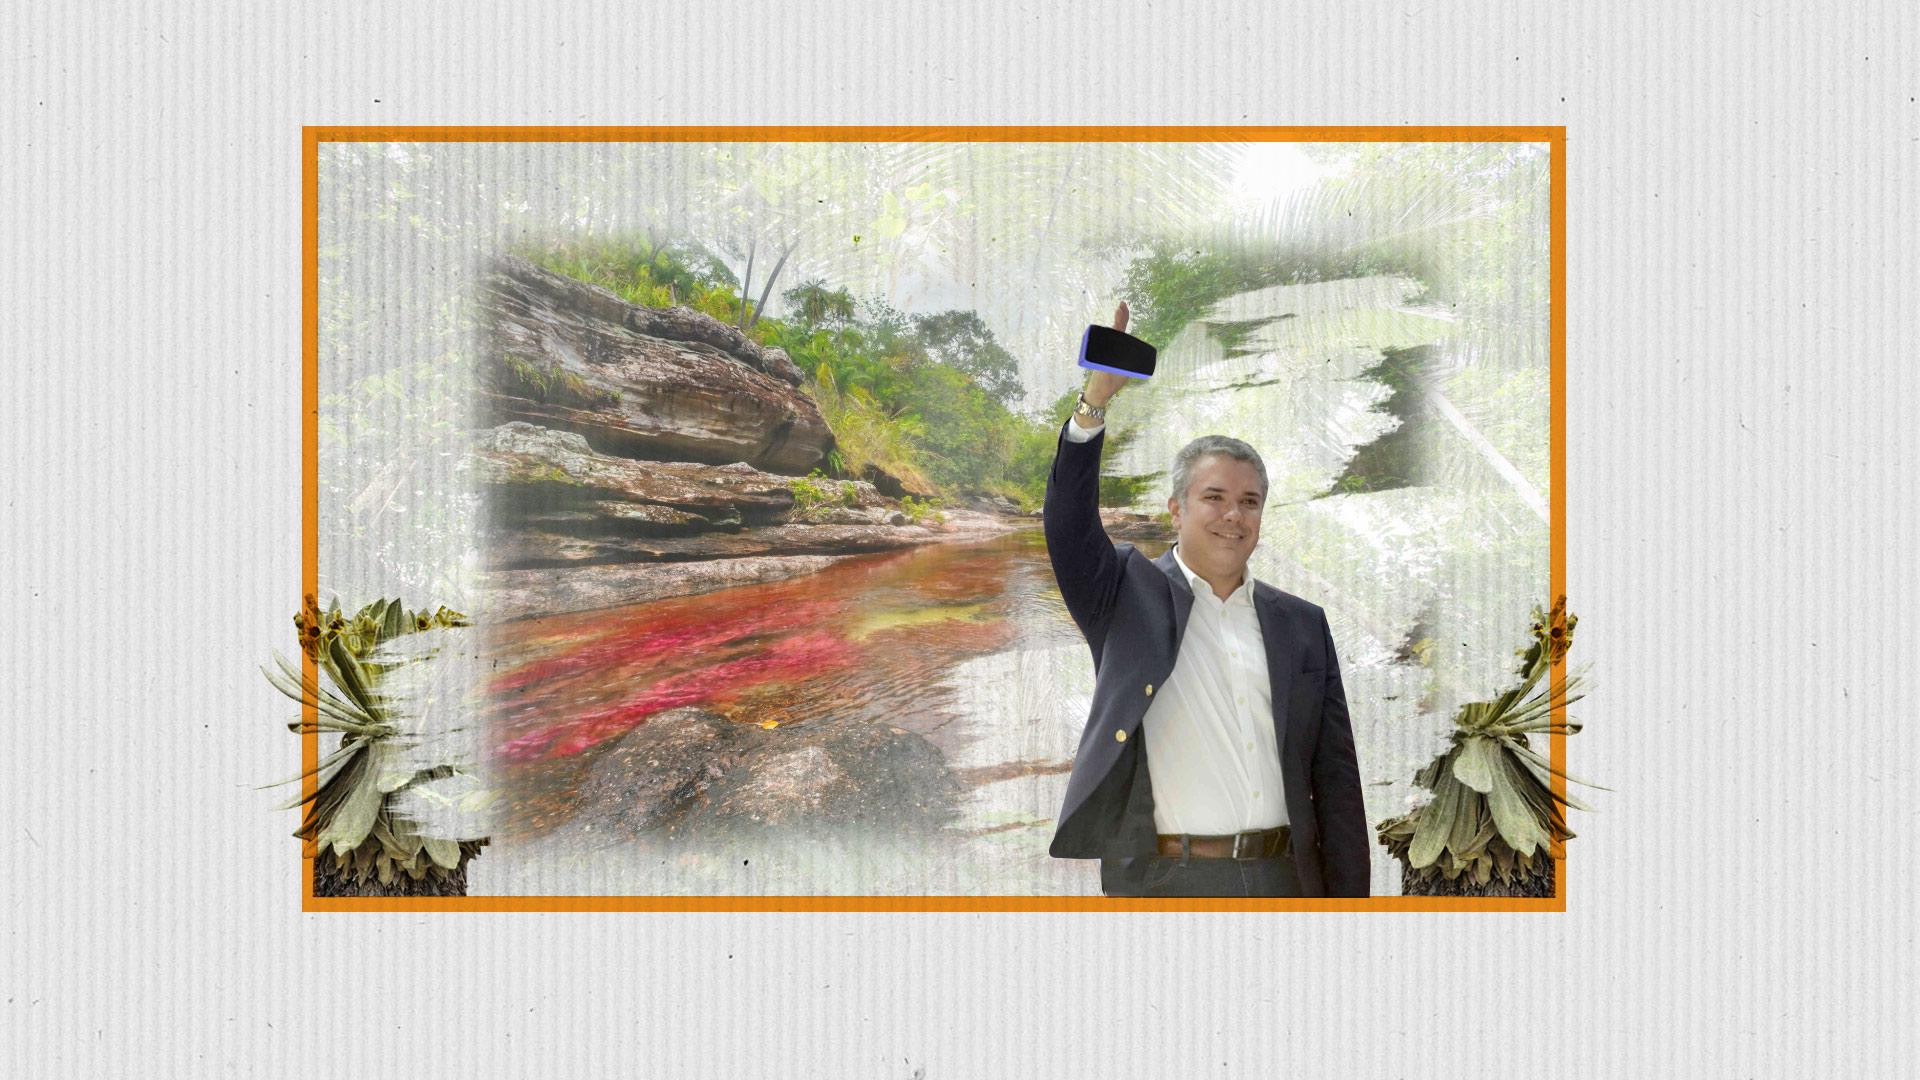 Pacto minero-energético de Duque: ¿Dónde quedaron las comunidades?